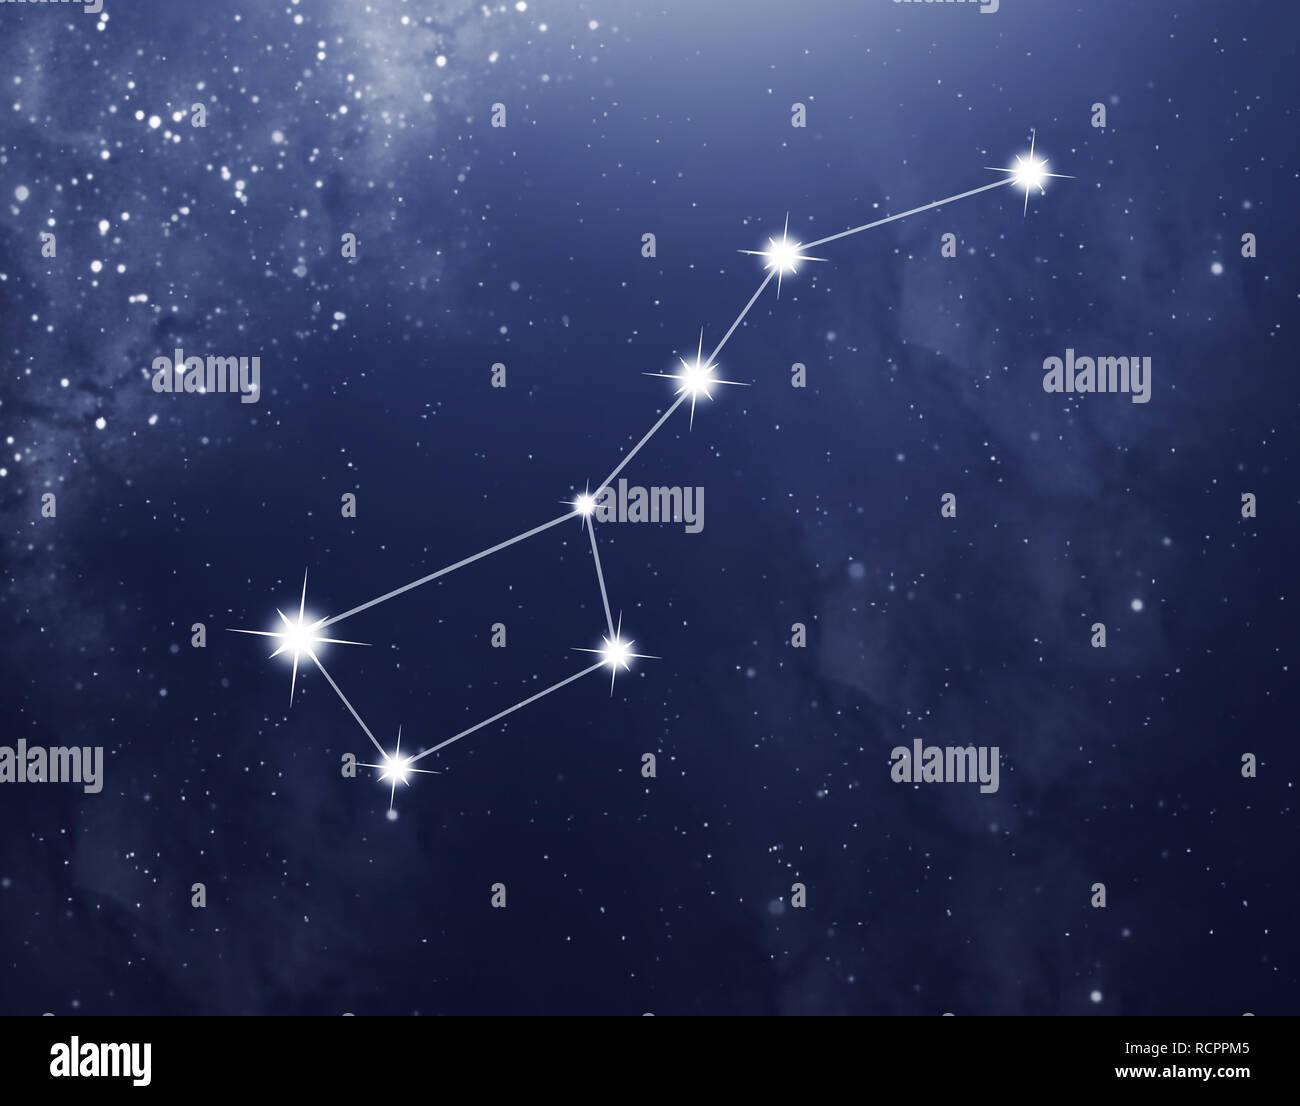 Sternbild Großer Bär auf dem blauen Sternenhimmel als Hintergrund ...